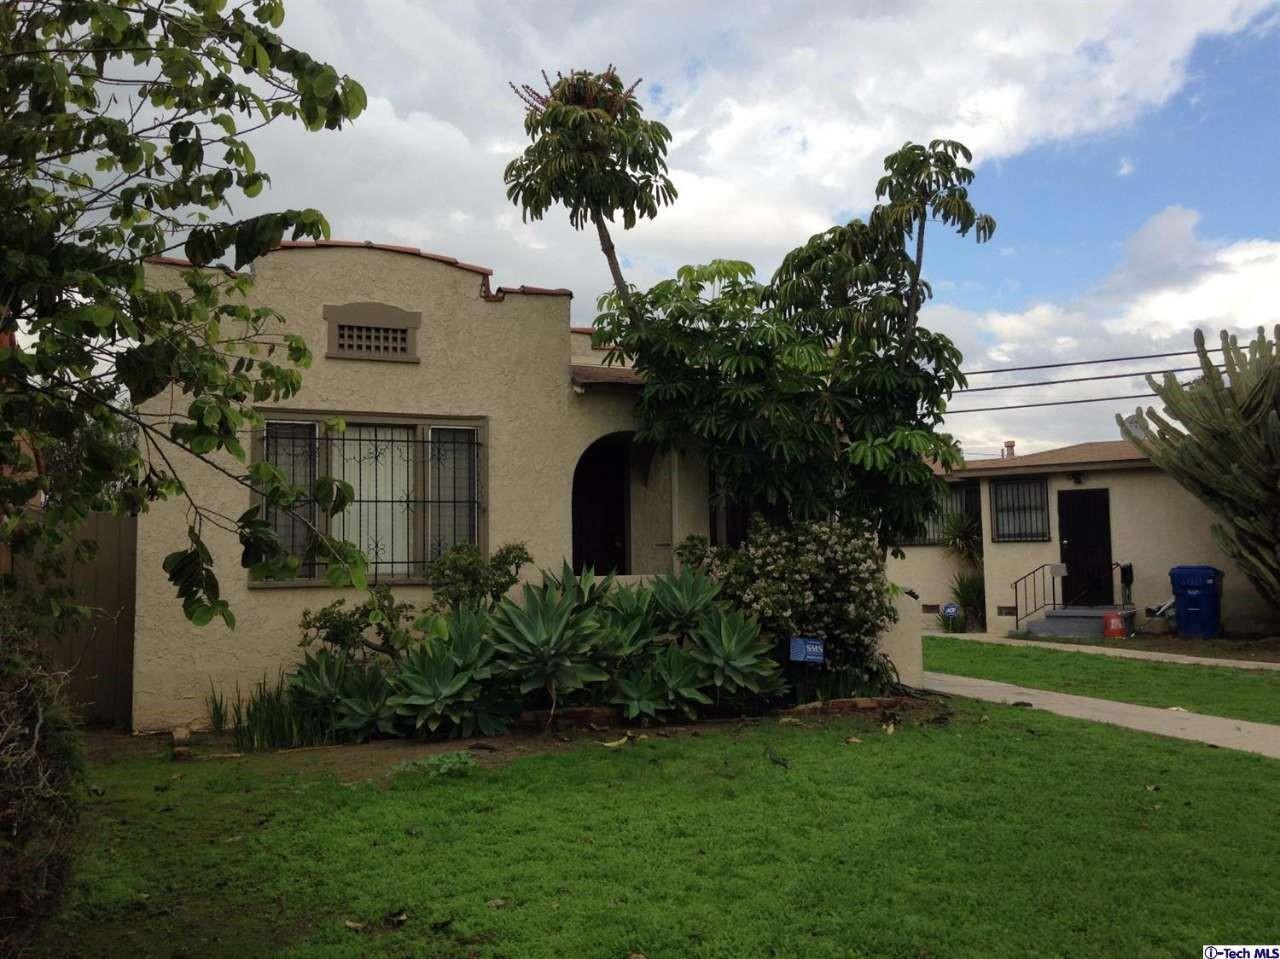 1901 S Curson Ave, Los Angeles, CA 90016